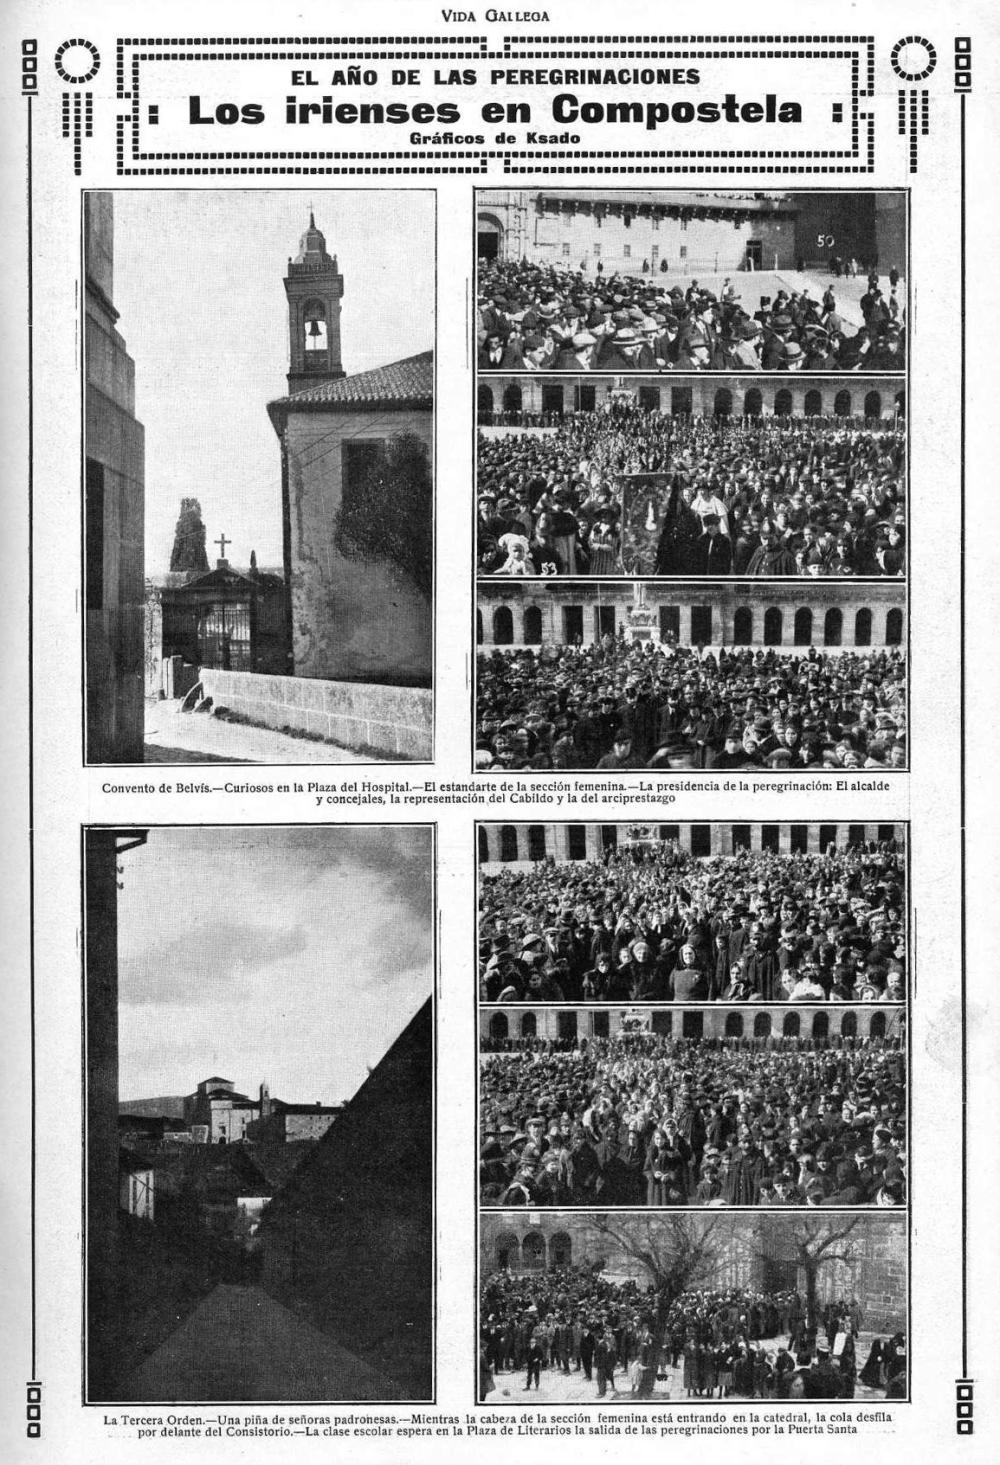 1920.05 Vida Gallega. Peregrinacion2